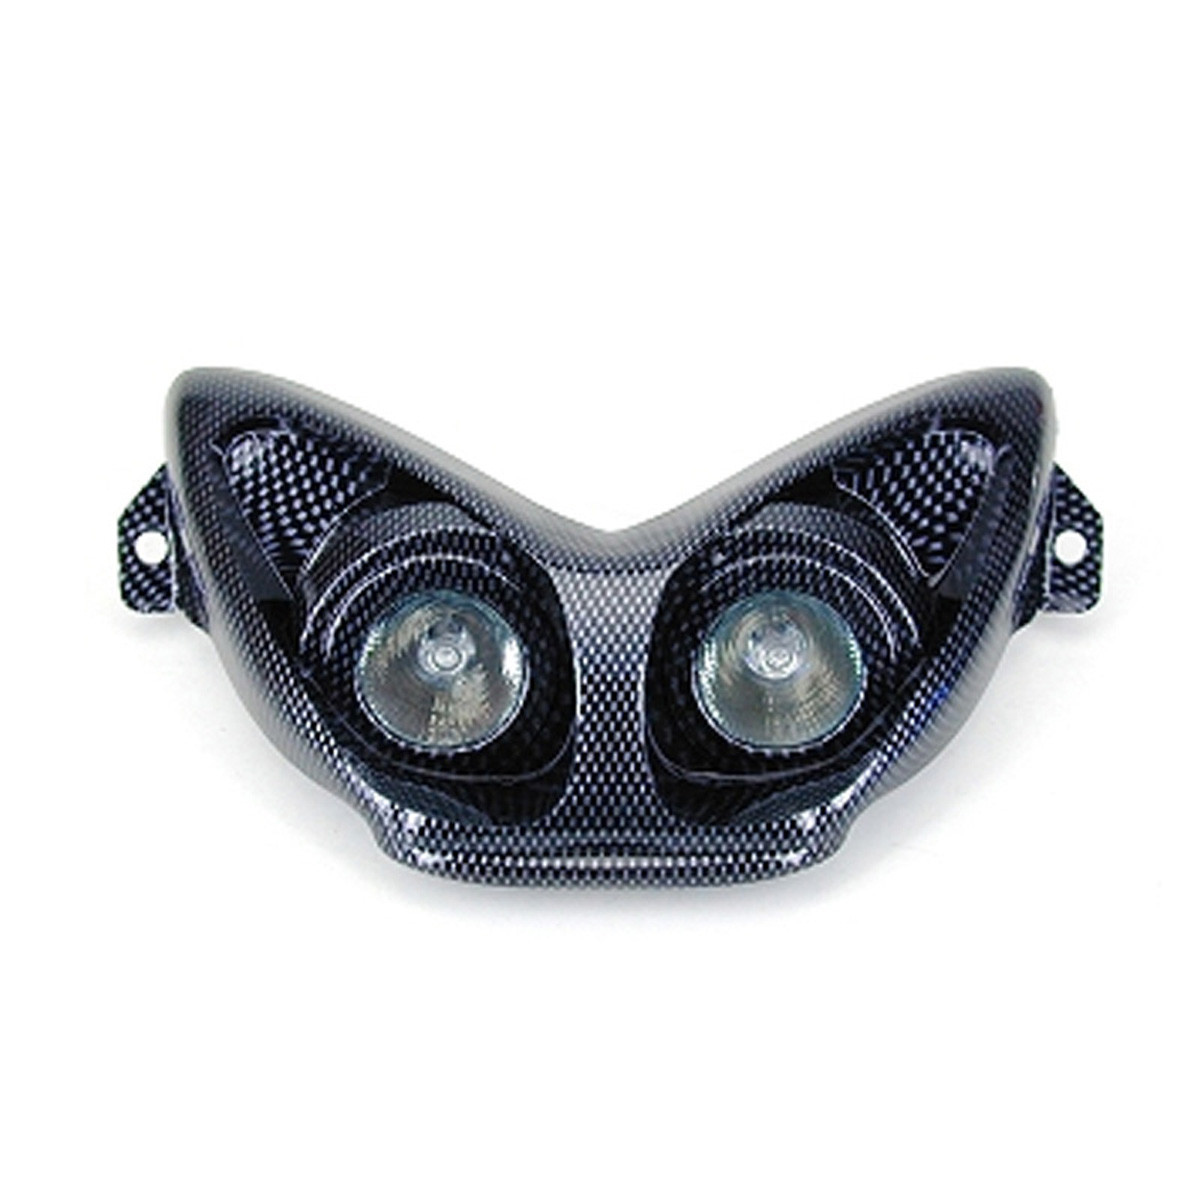 Double Optique MBK Nitro - YAMAHA Aerox